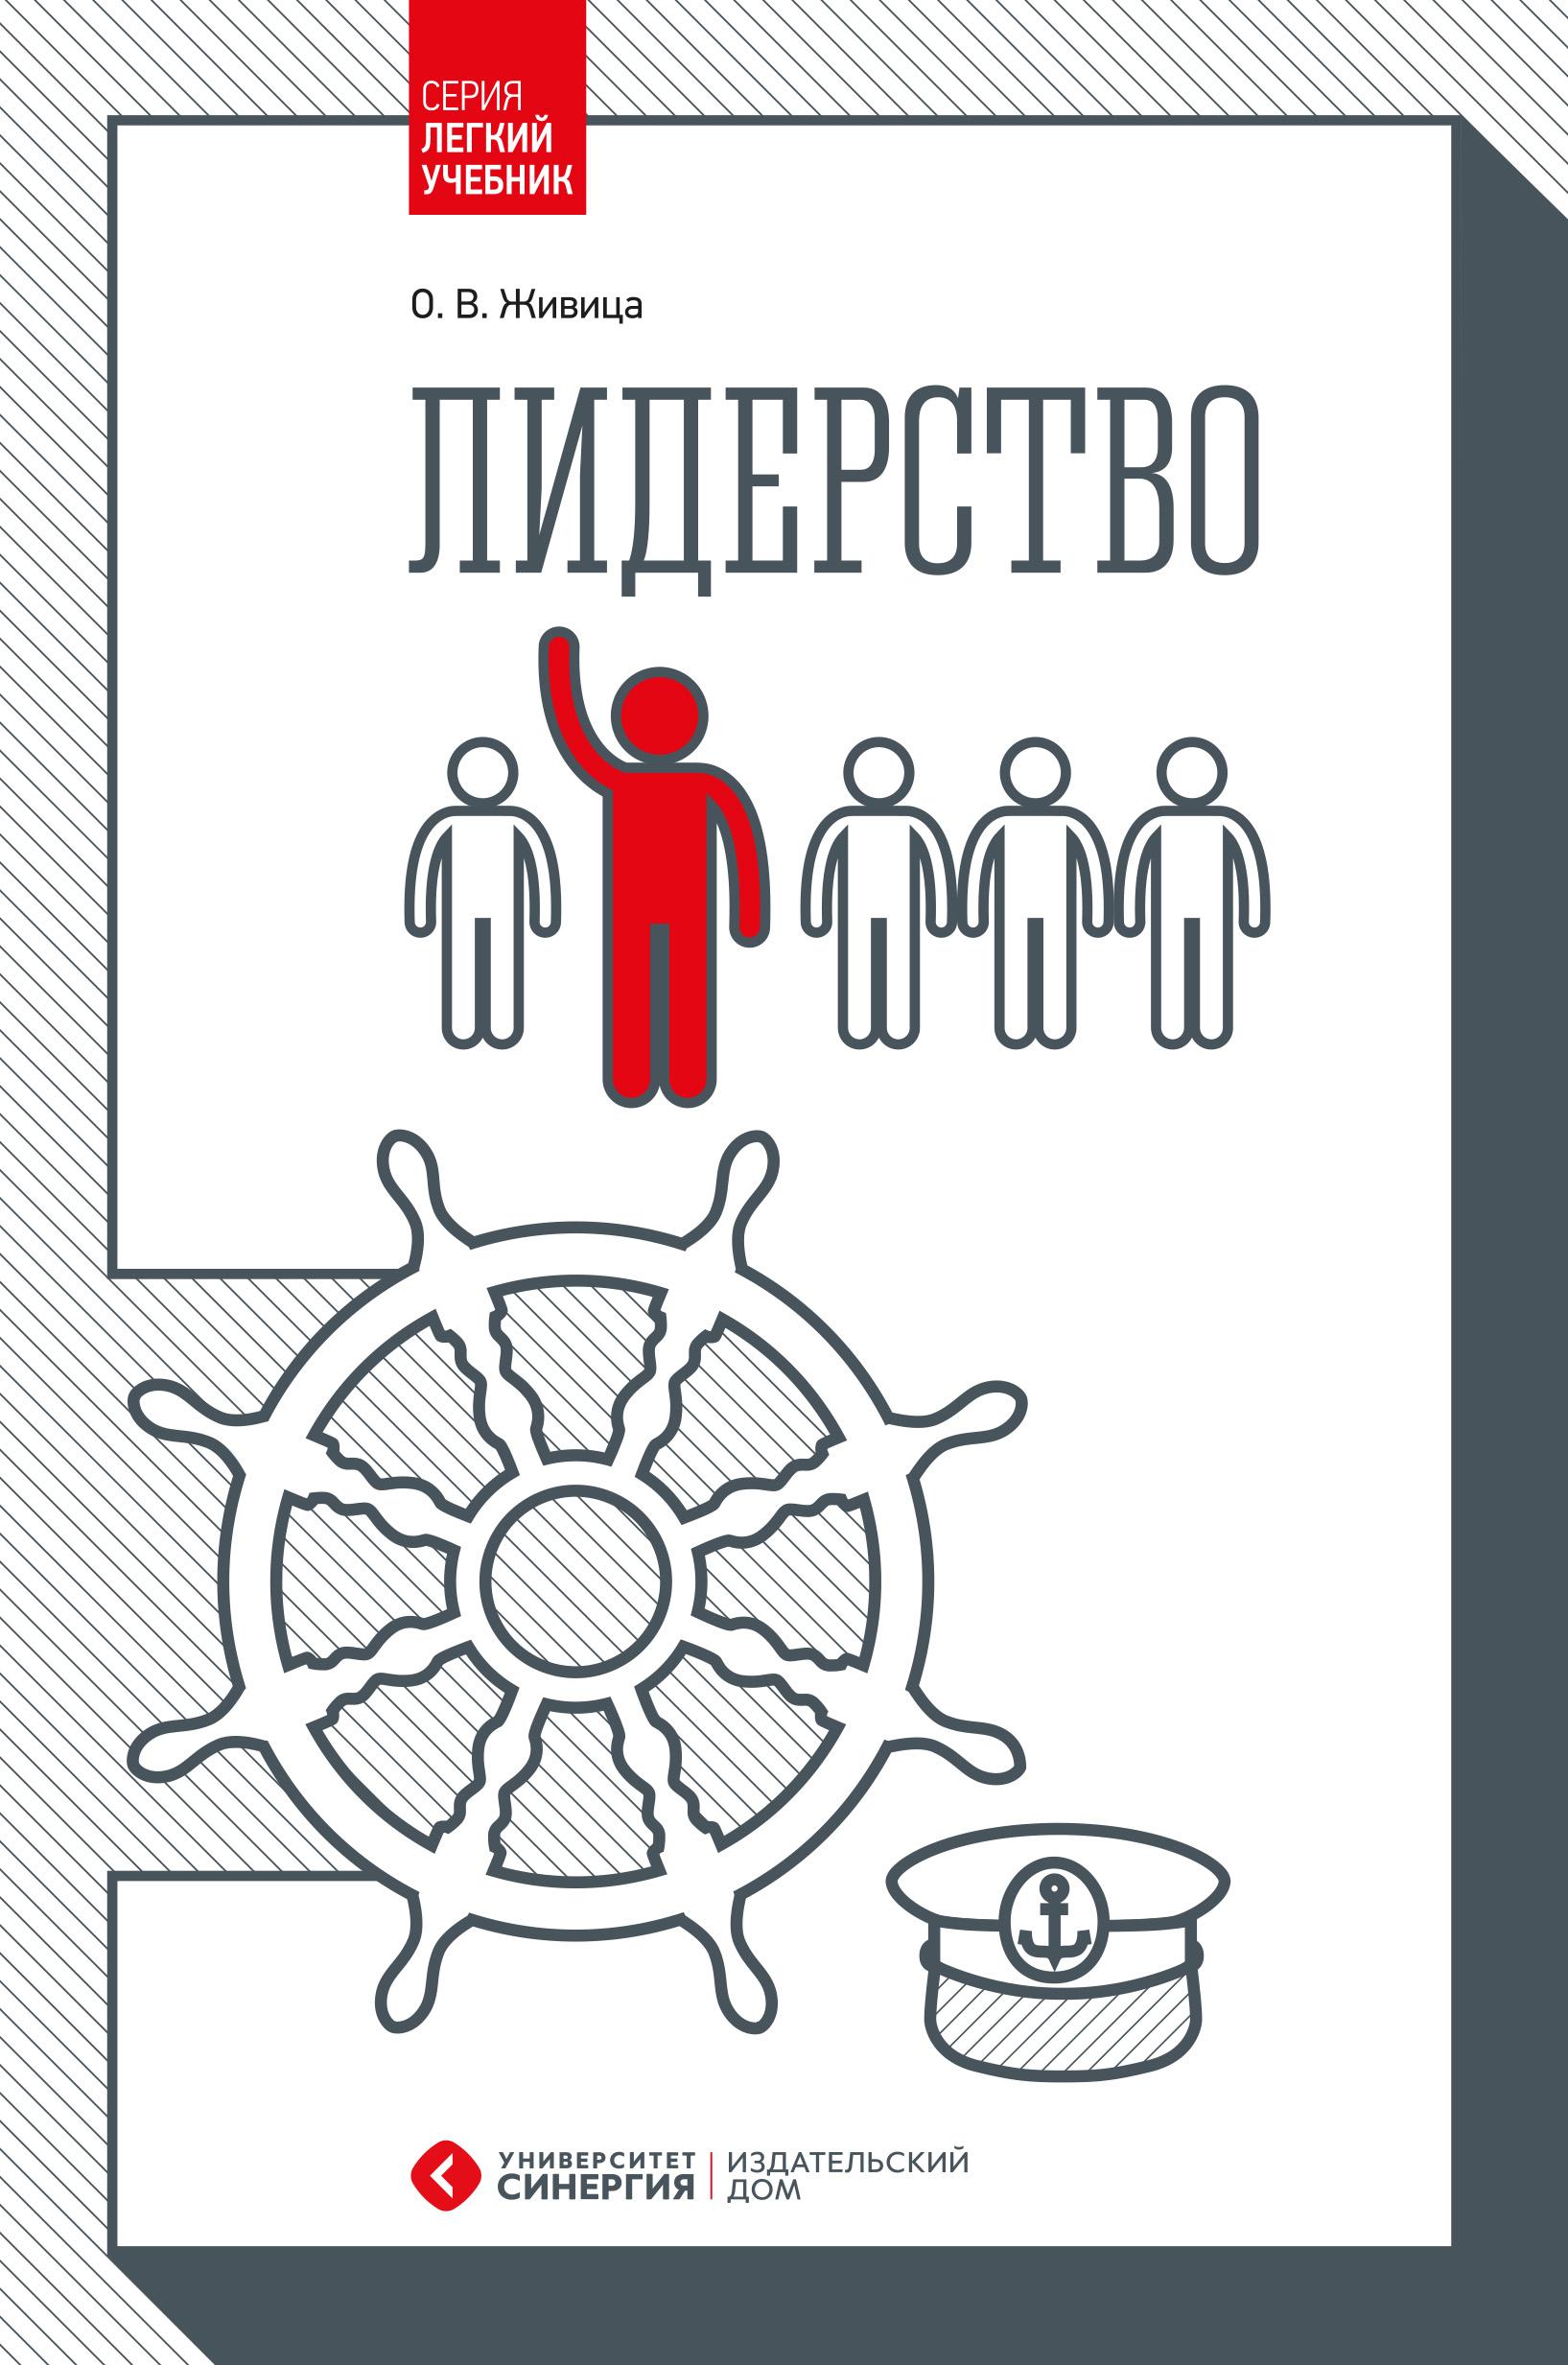 Обложка книги. Автор - Ольга Живица